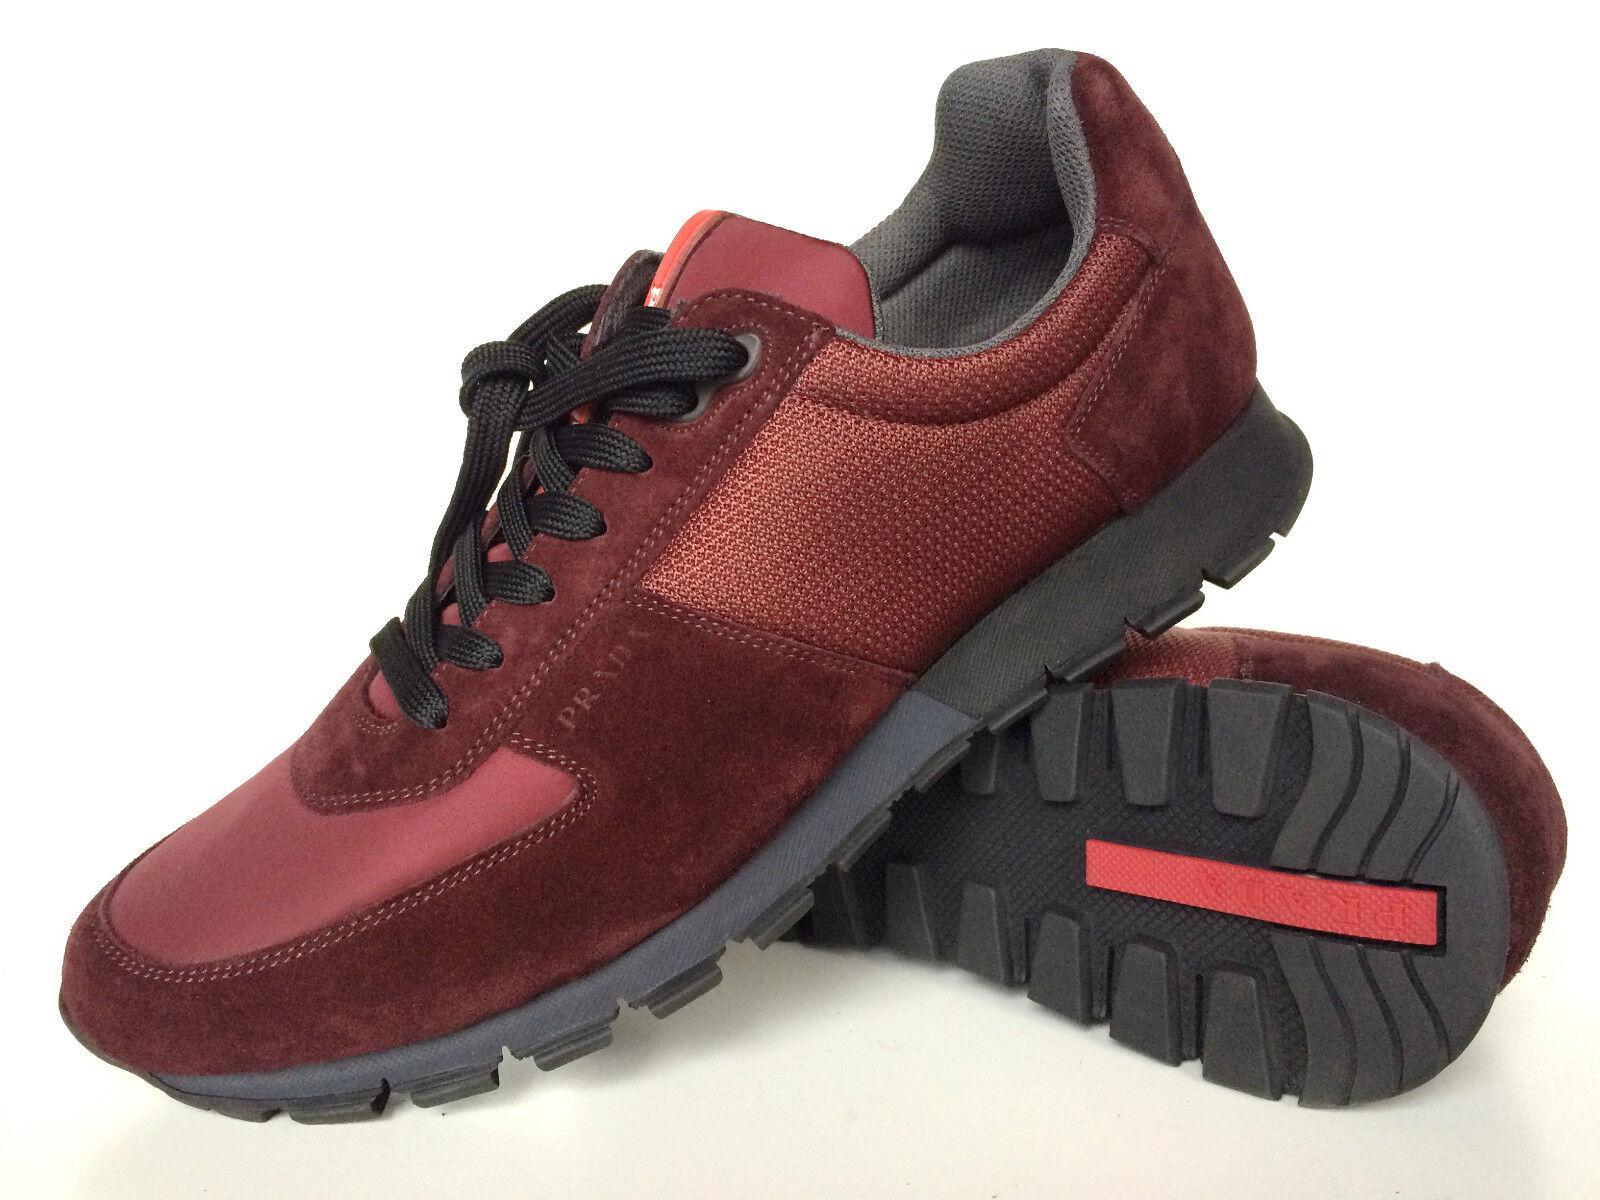 Prada cortos zapatos de gamuza 40 burdeos, Prada cortos Leather Maroon 6,5